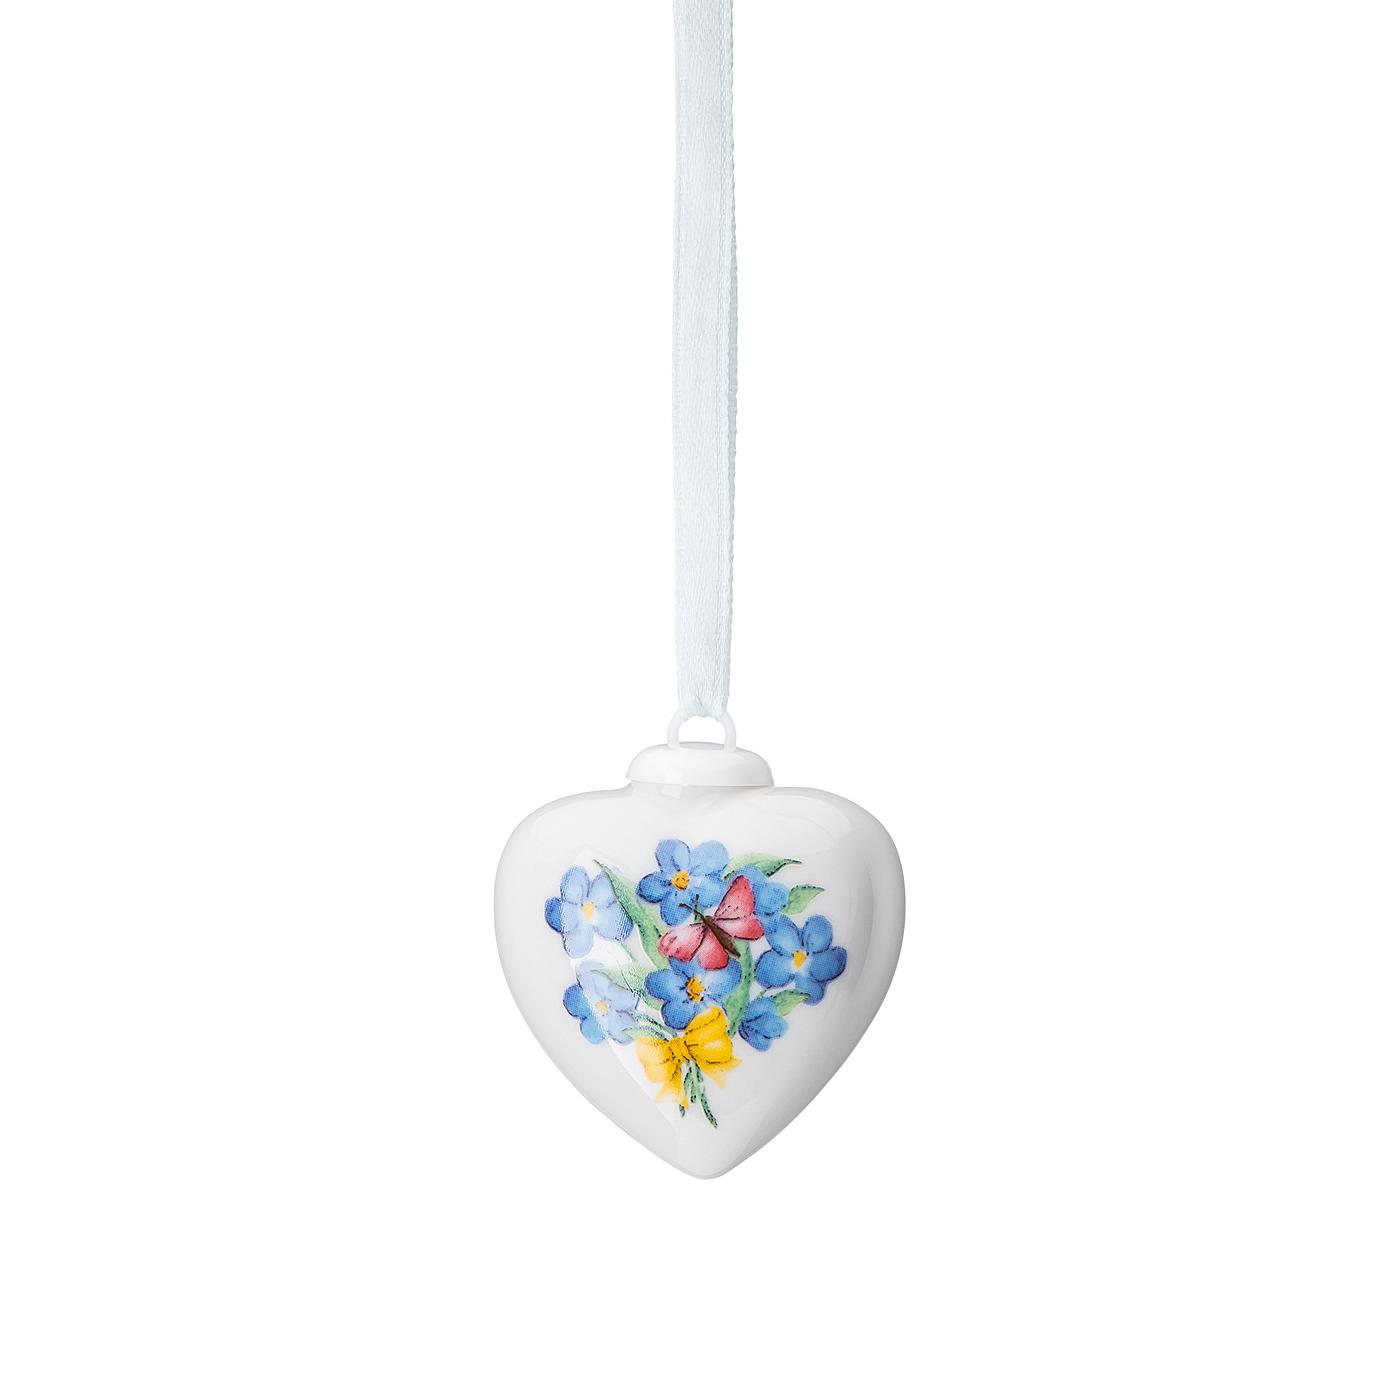 Porzellan-Mini-Herz Frühlingsgrüsse Vergissmeinnicht Hutschenreuther